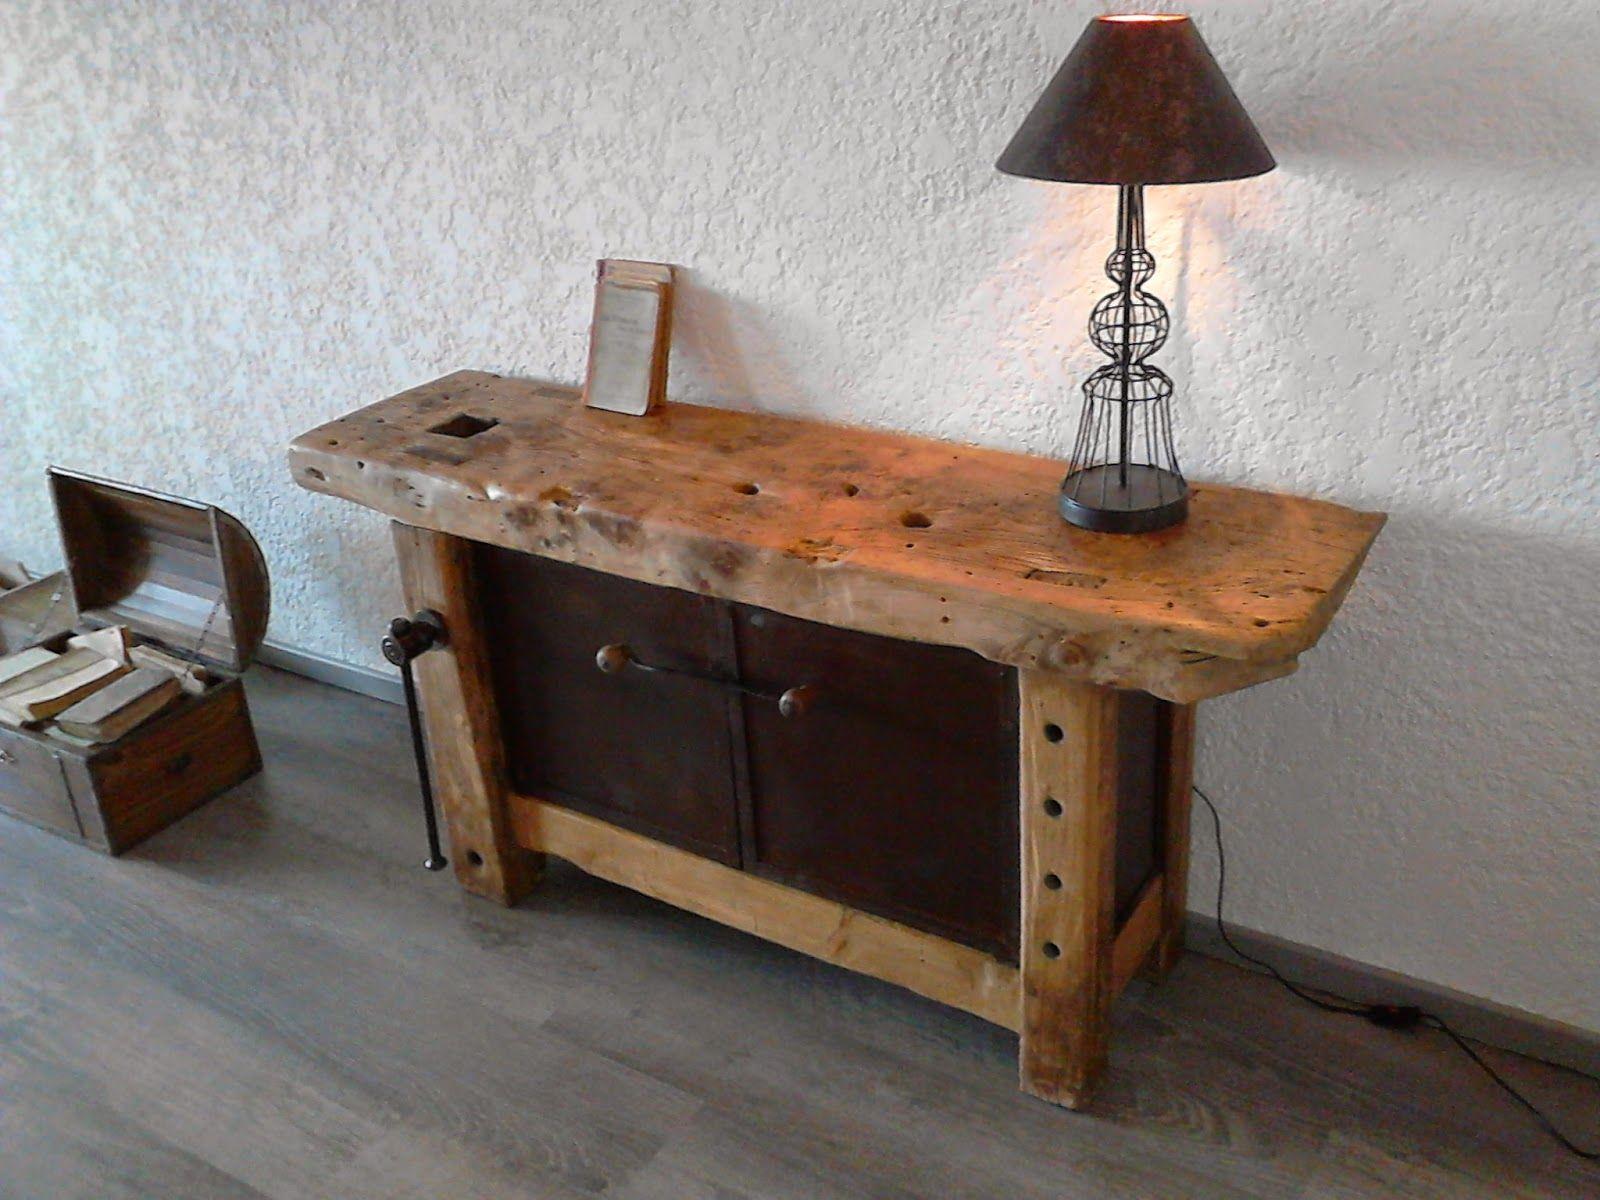 Meuble et objets dcoration style industriel: Etabli de ...